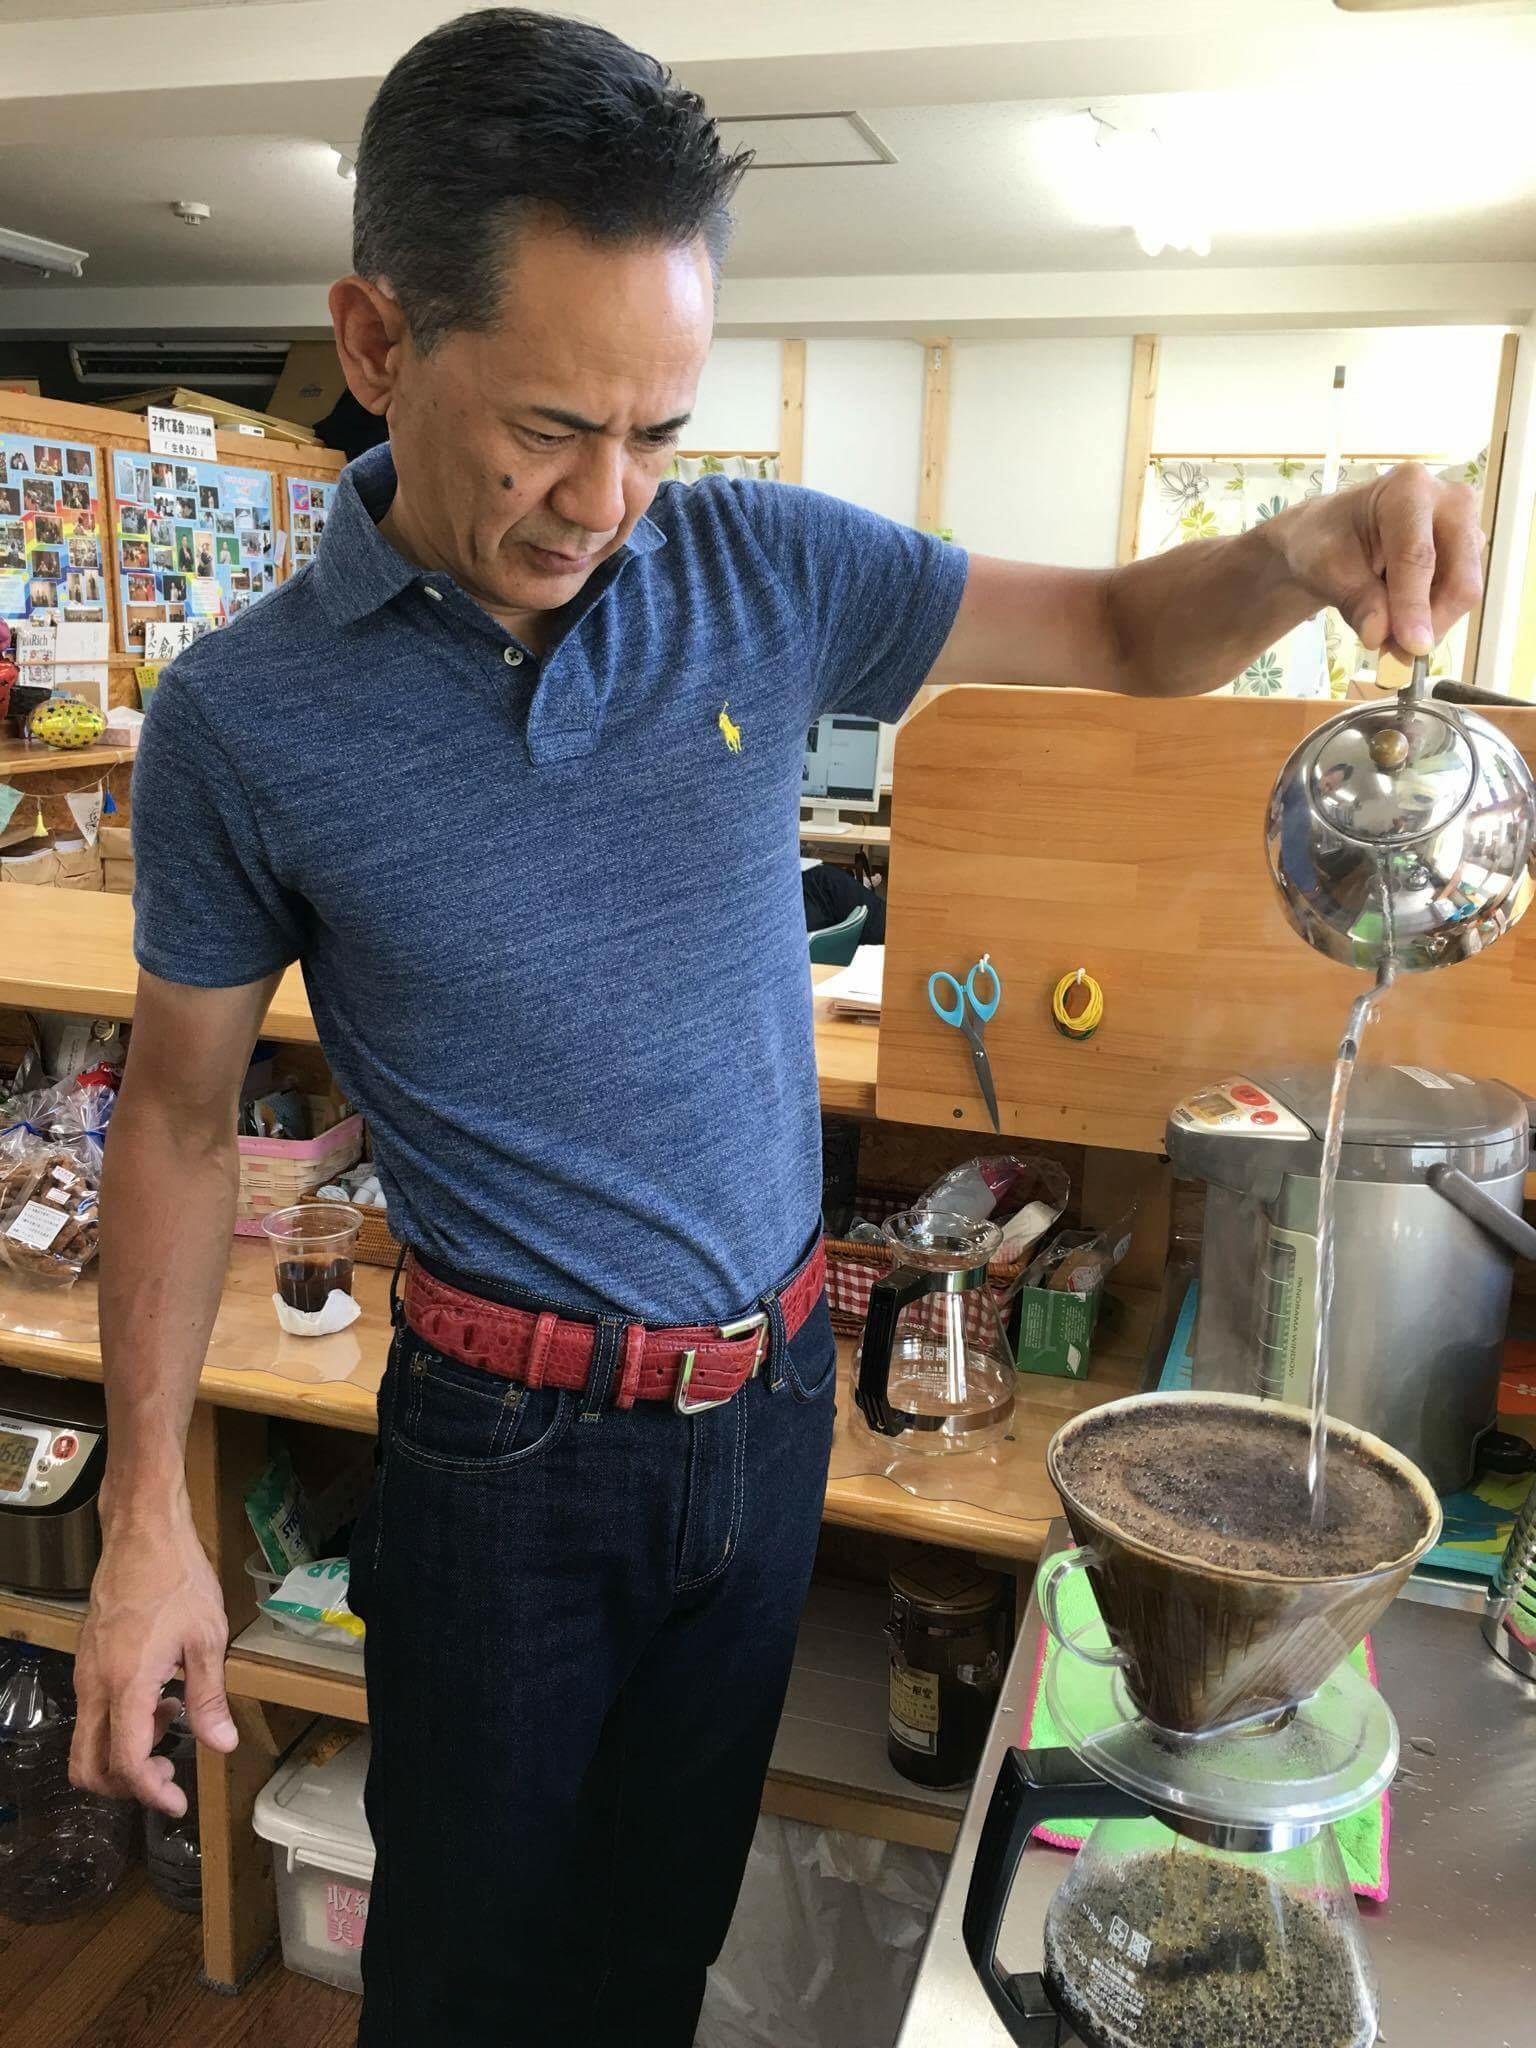 明日からセミナーウィークで東京出張の先生。おニューのポロシャツ✨無駄のない動きは珈琲を愛してるからこそ?